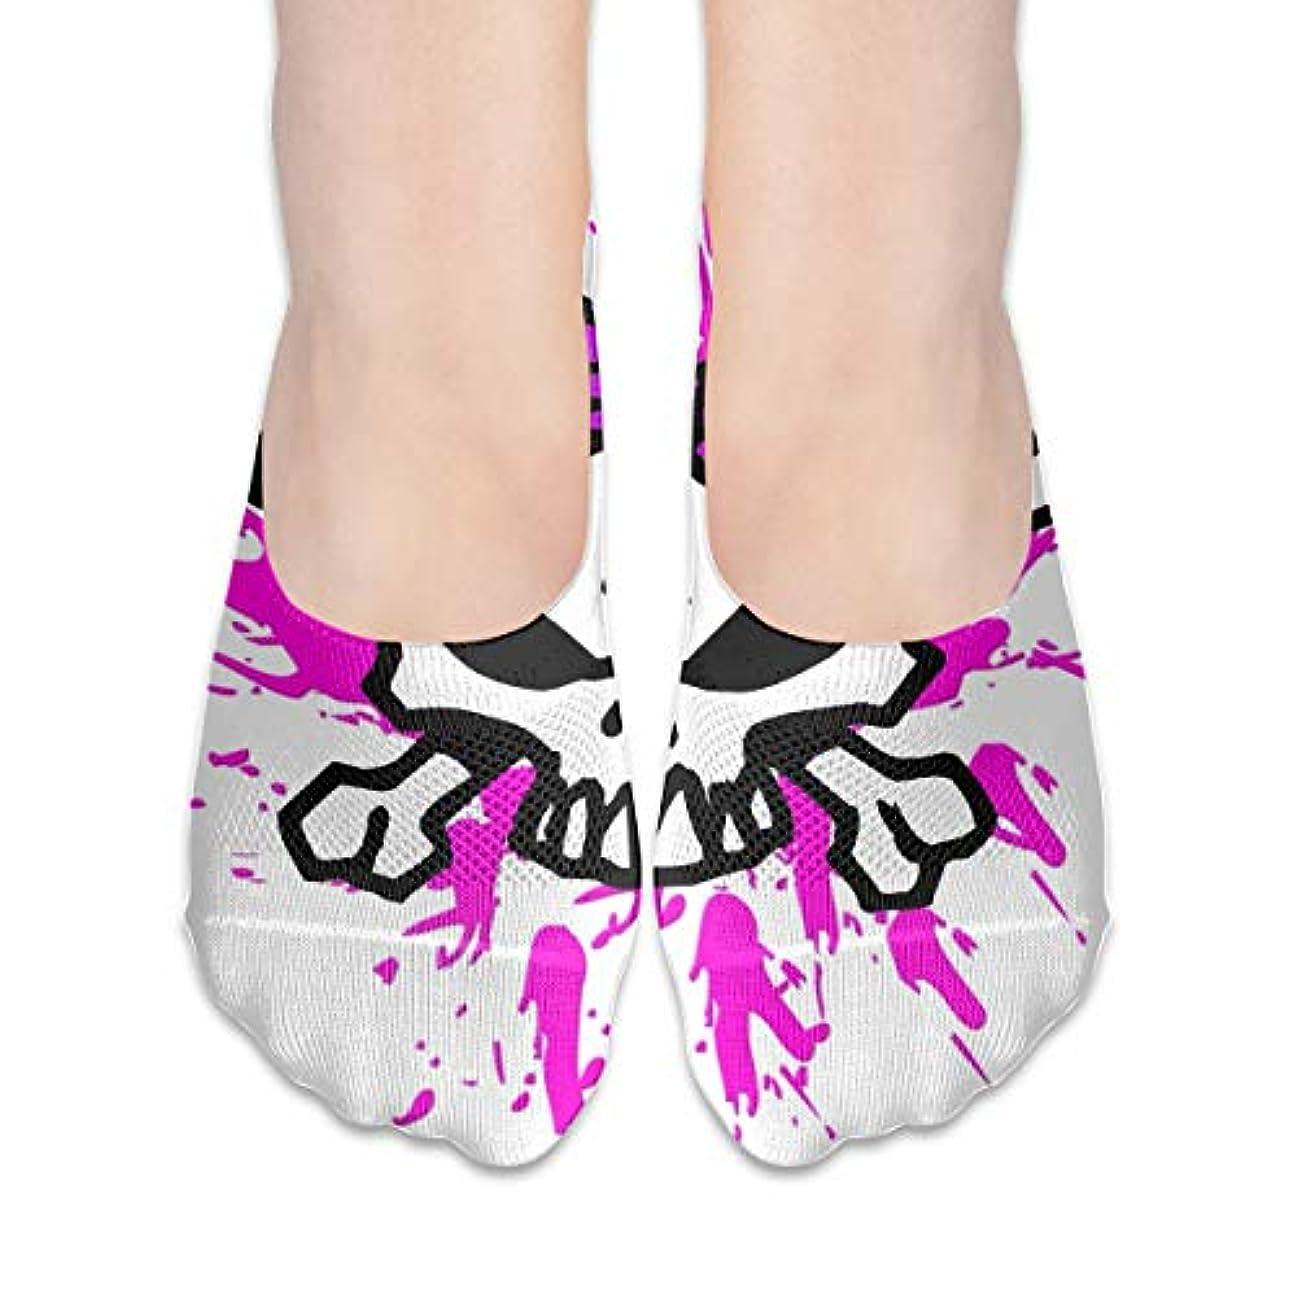 一口破壊的な有利女性のためのショーの靴下はローカットカジュアルソックス非スリップピンクシュガースカル